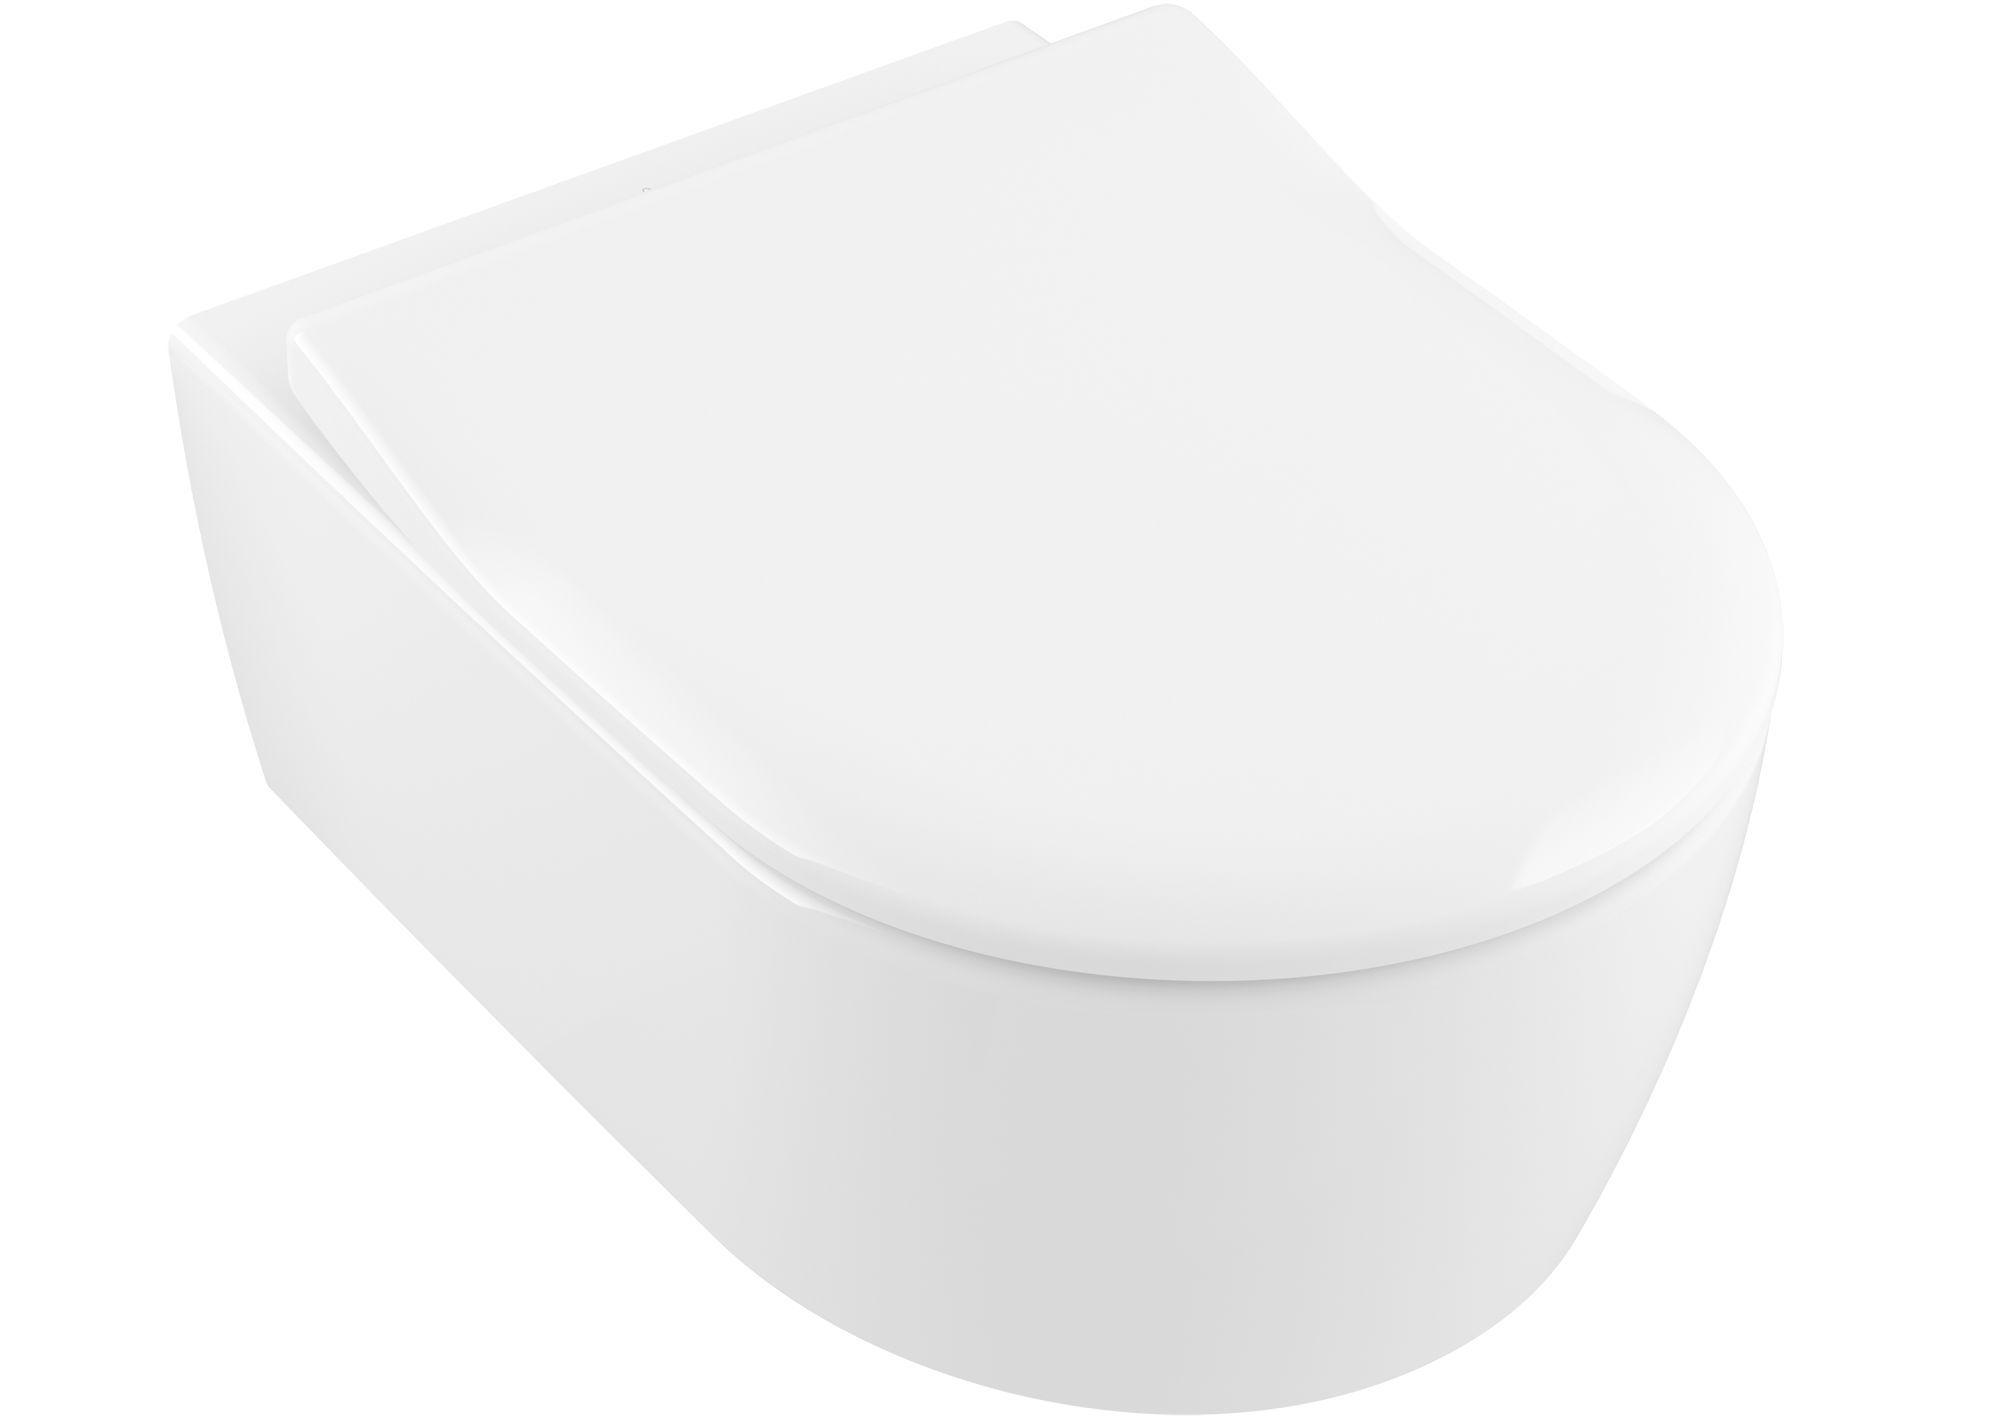 Villeroy & Boch Avento Combi-Pack mit Wand-Tiefspül-WC DirectFlush mit offenem Spülrand L:53xB:37cm weiß mit CeramicPlus mit SlimSeat mit Absenkautomatik 5656RSR1